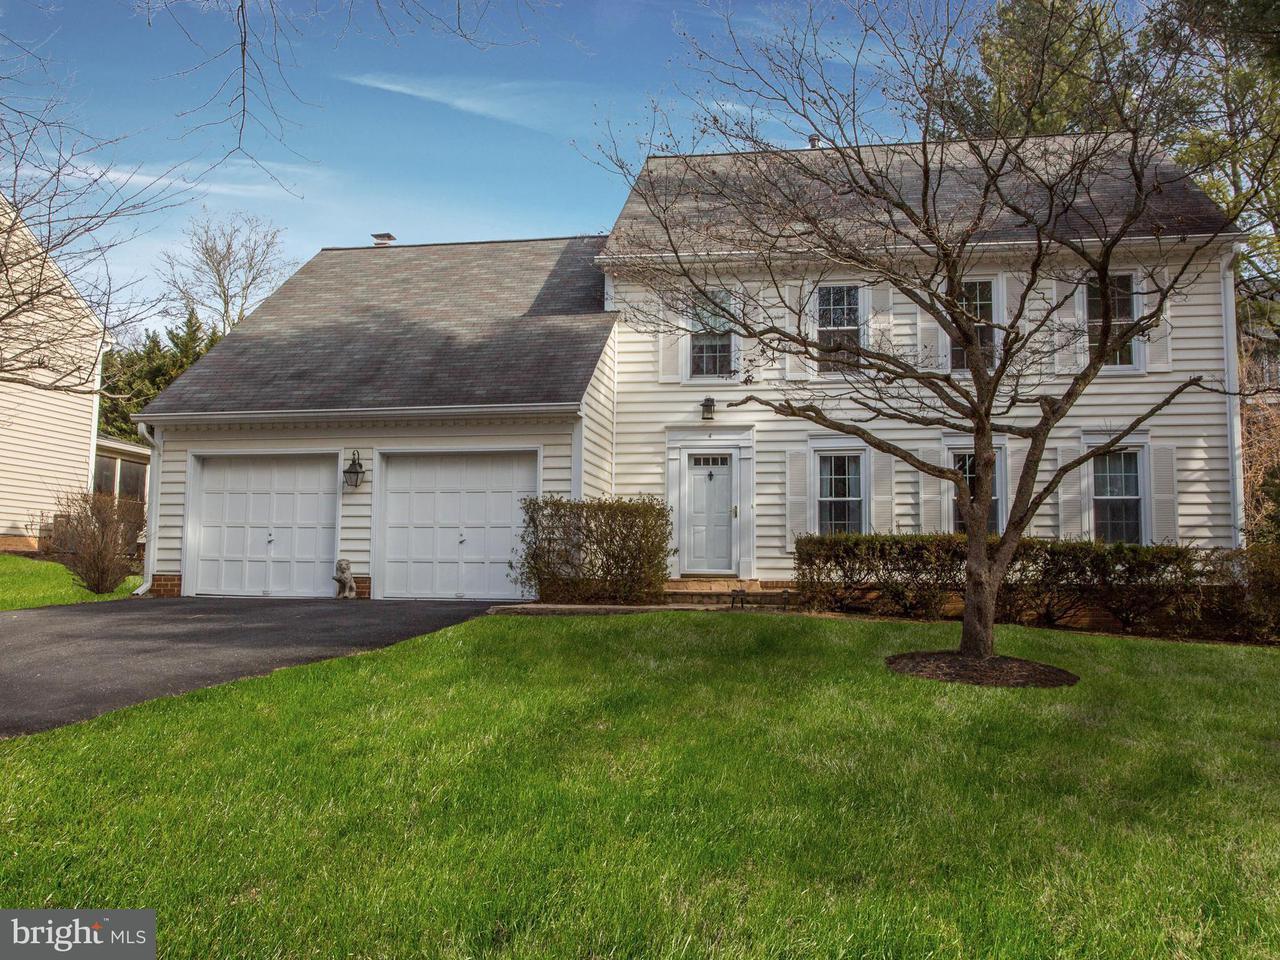 Maison unifamiliale pour l Vente à 4 Chancelet Court 4 Chancelet Court Rockville, Maryland 20852 États-Unis